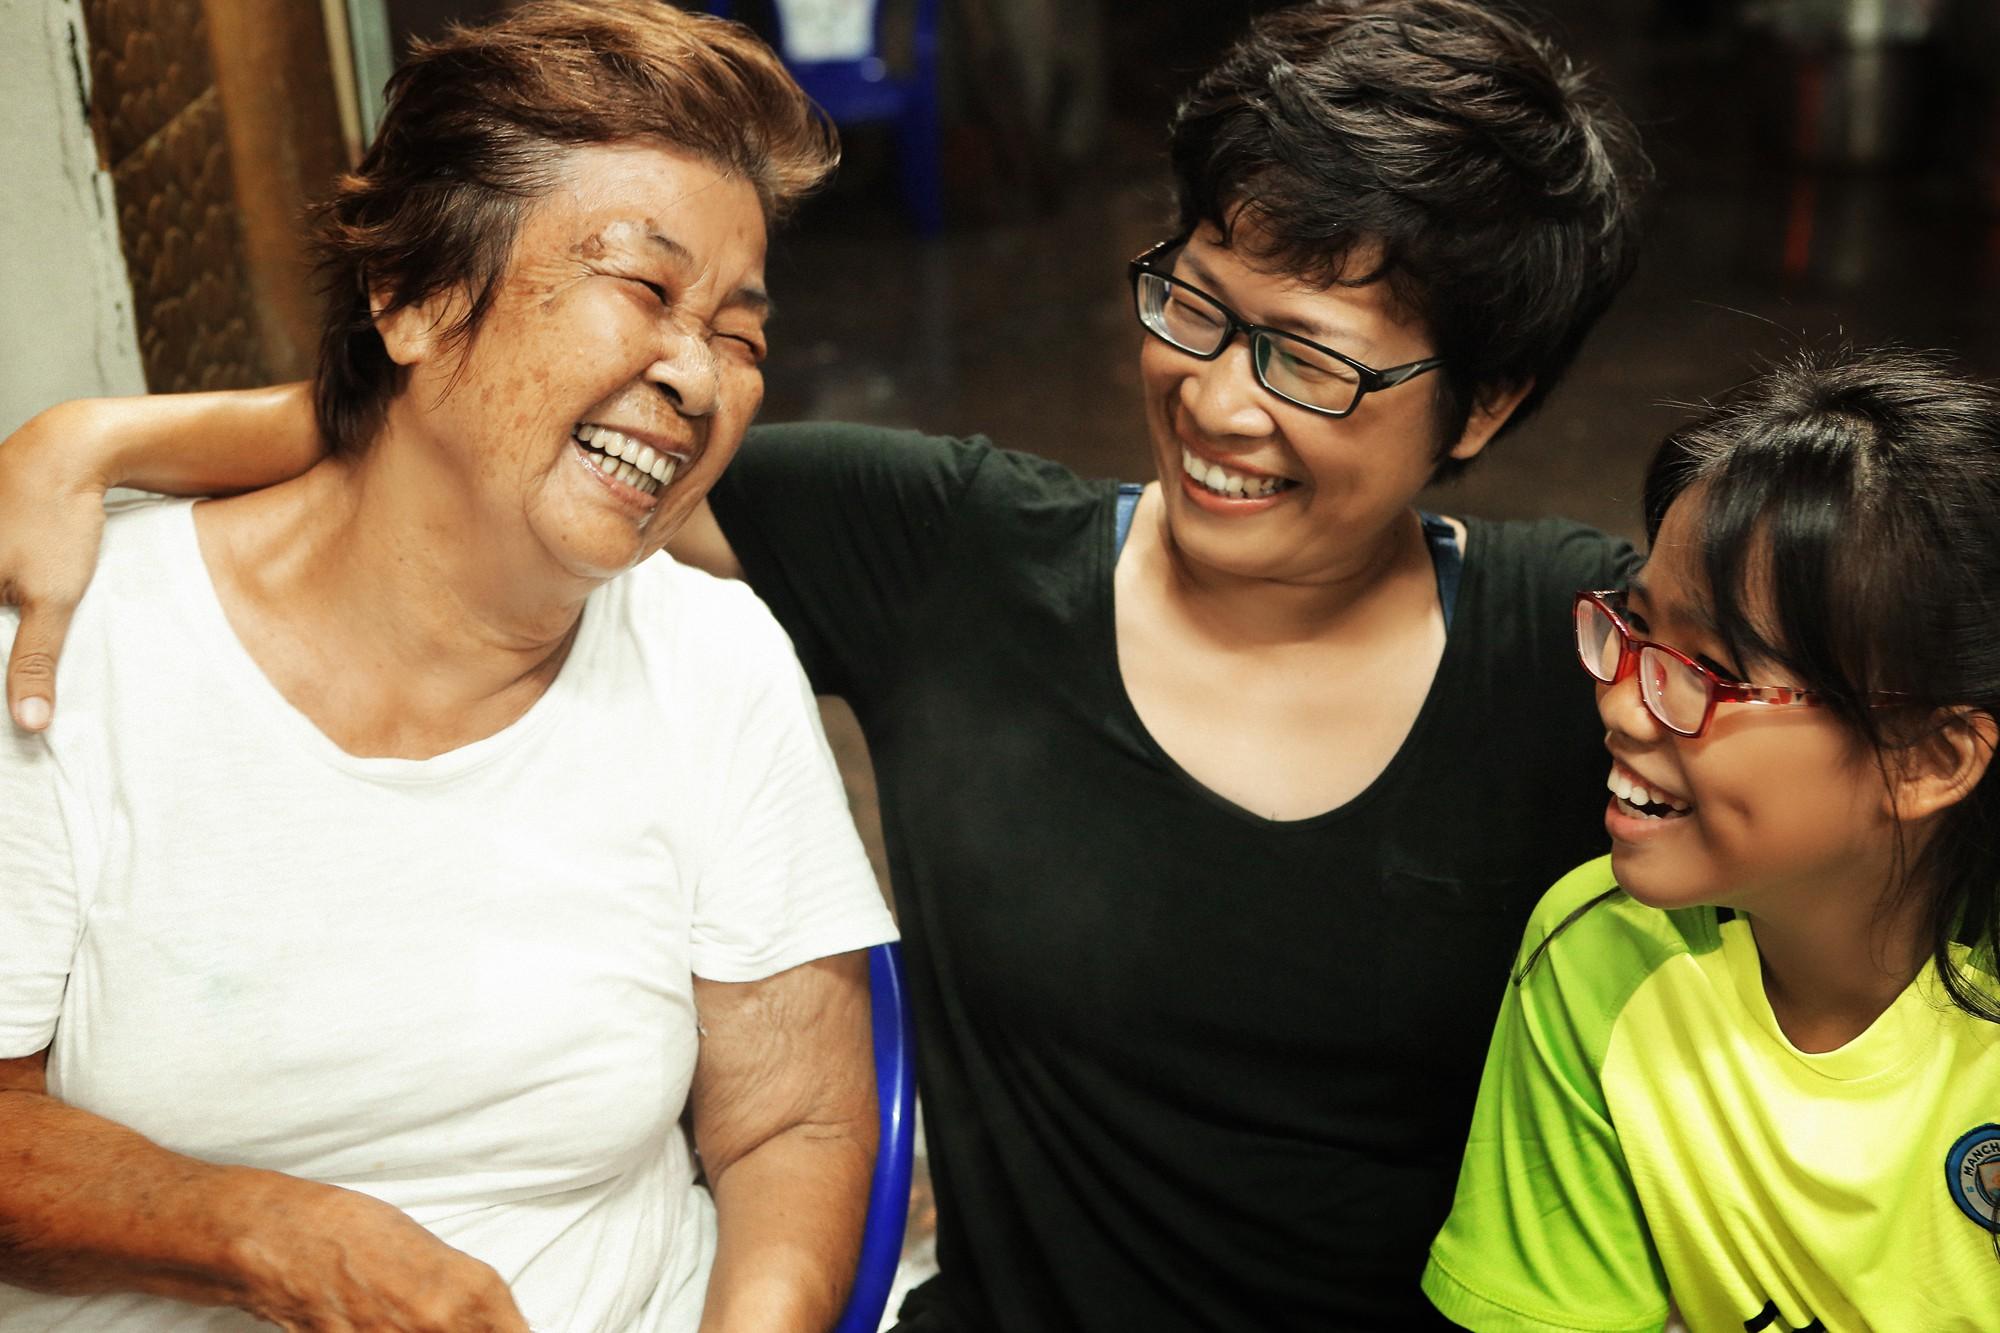 24 giờ của Tư: Bộ ảnh xúc động về người mẹ đơn thân chiến đấu với căn bệnh ung thư cùng cô con gái 12 tuổi - Ảnh 15.